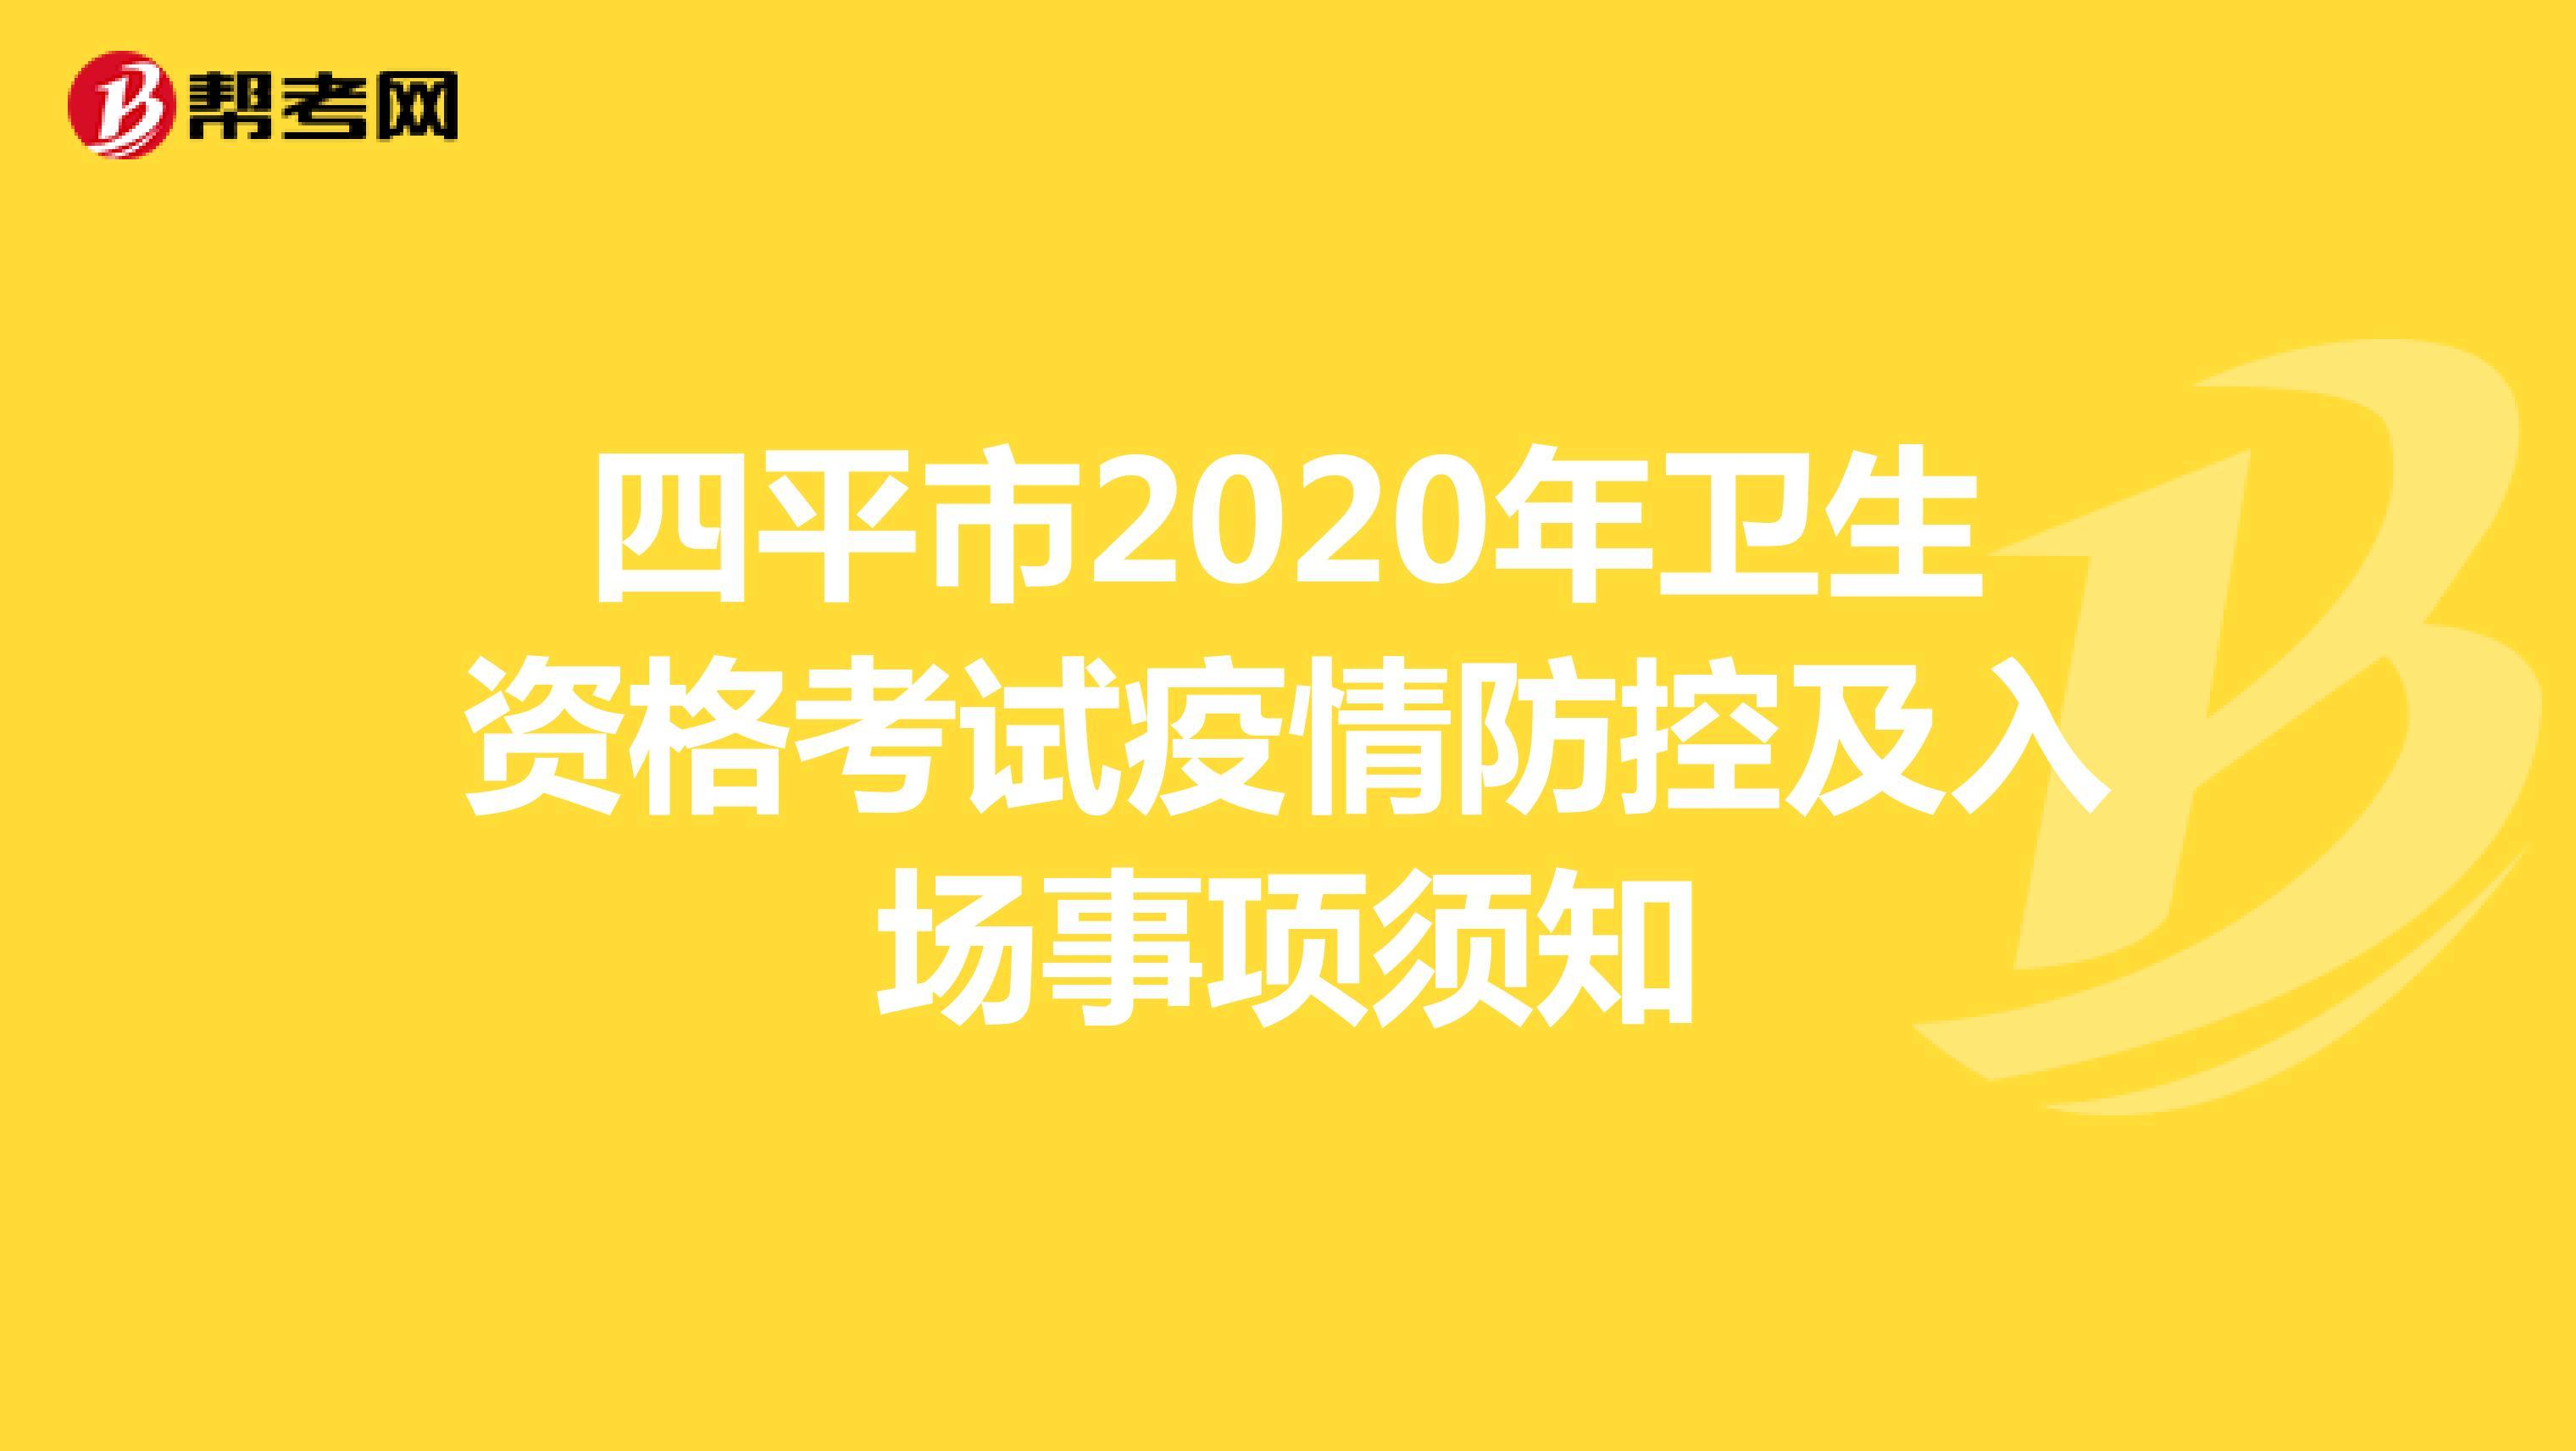 四平市2020年衛生資格考試疫情防控及入場事項須知